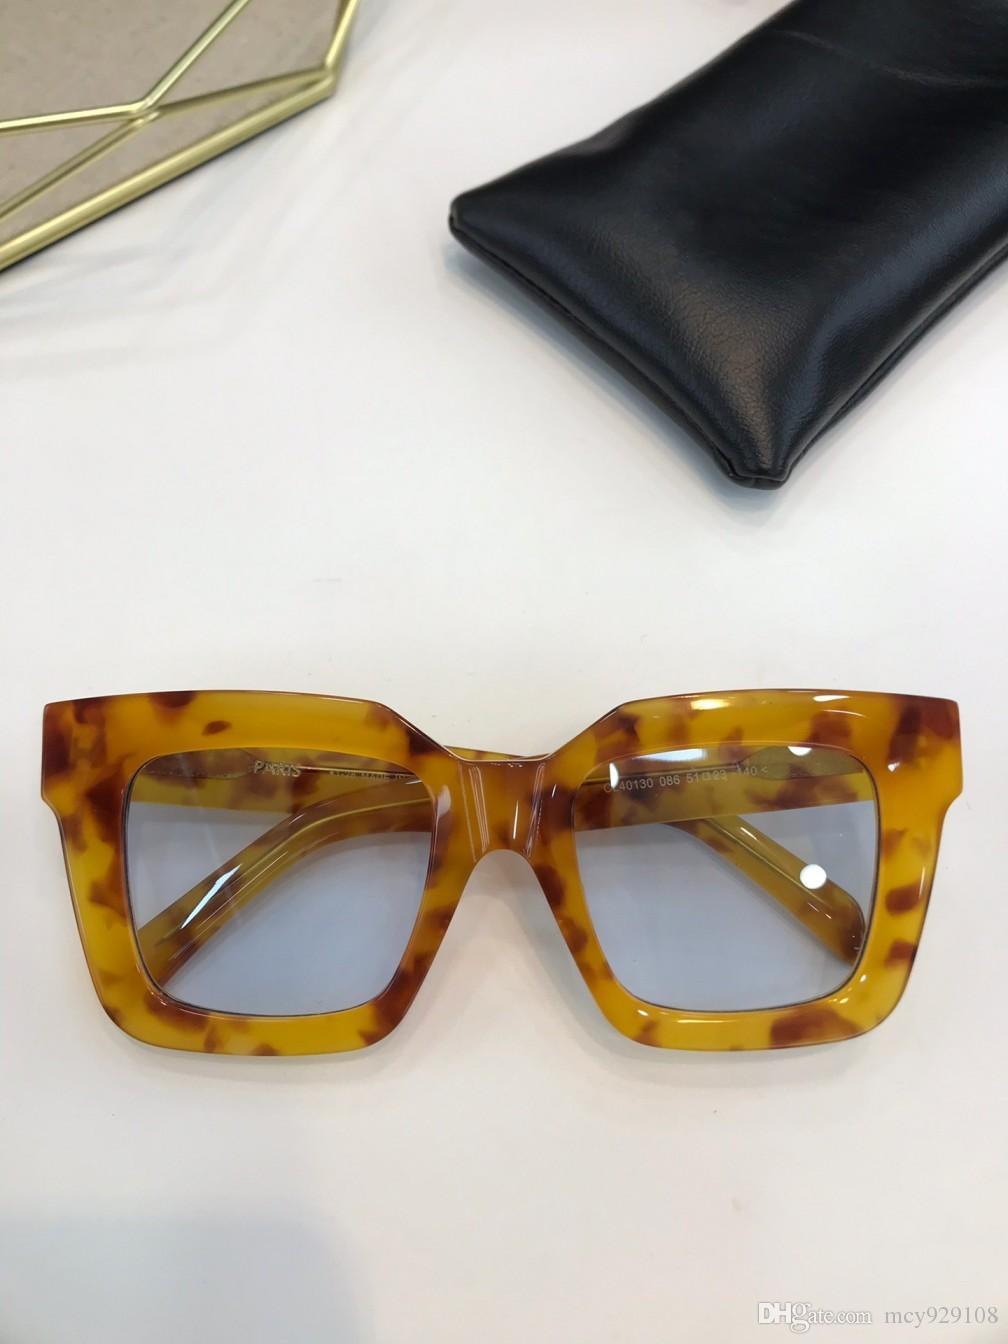 Case Proteção 40130 homens Óculos de sol simples Óculos de sol UV400 Popular com mulheres Outdoor Verão Novos Mens Venda Por Atacado Eyewear FA PCHVS